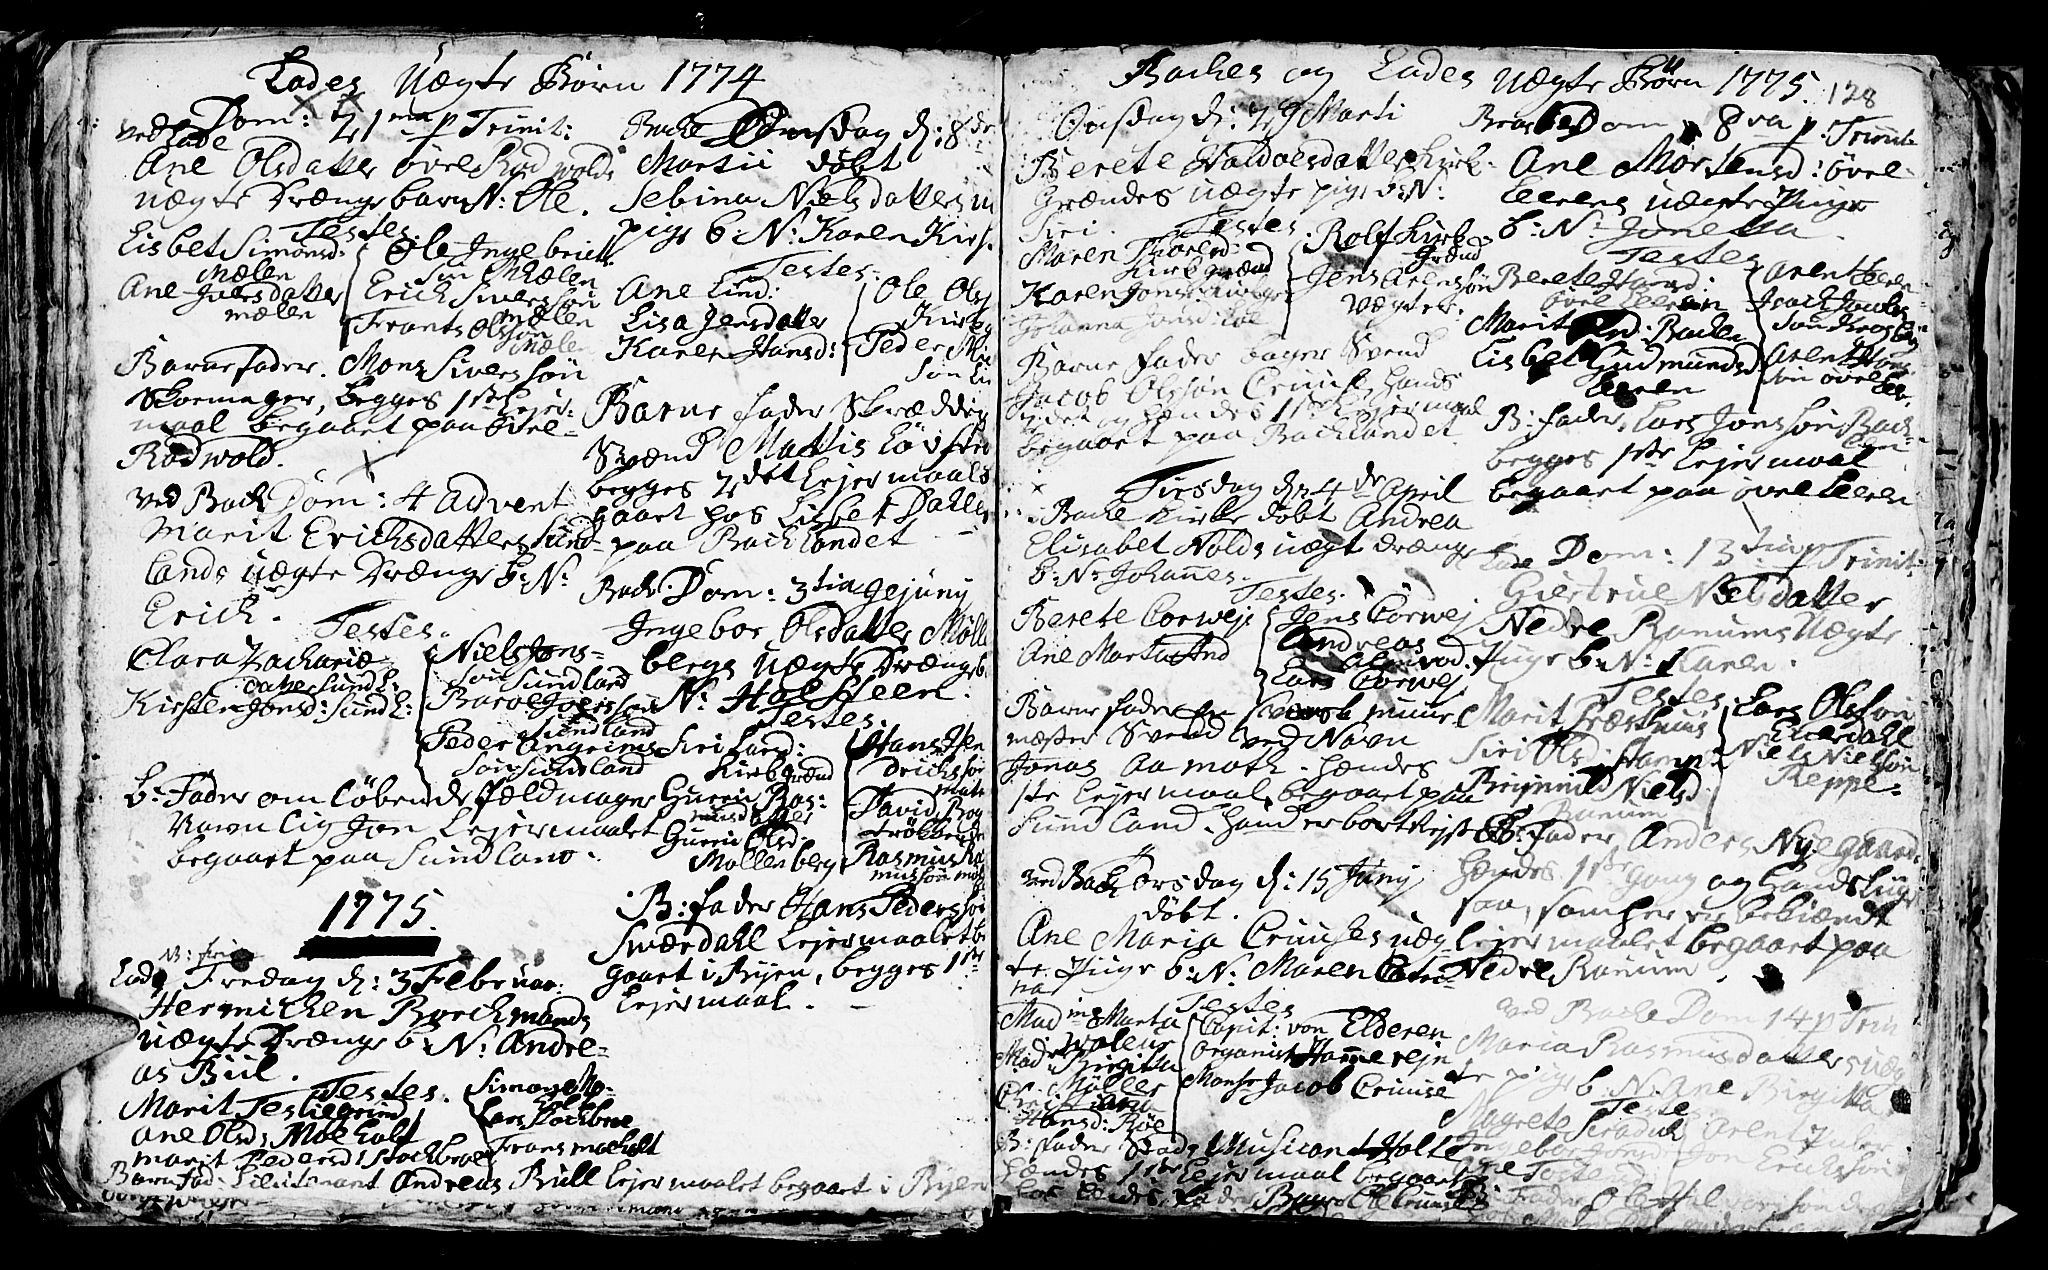 SAT, Ministerialprotokoller, klokkerbøker og fødselsregistre - Sør-Trøndelag, 606/L0305: Klokkerbok nr. 606C01, 1757-1819, s. 128